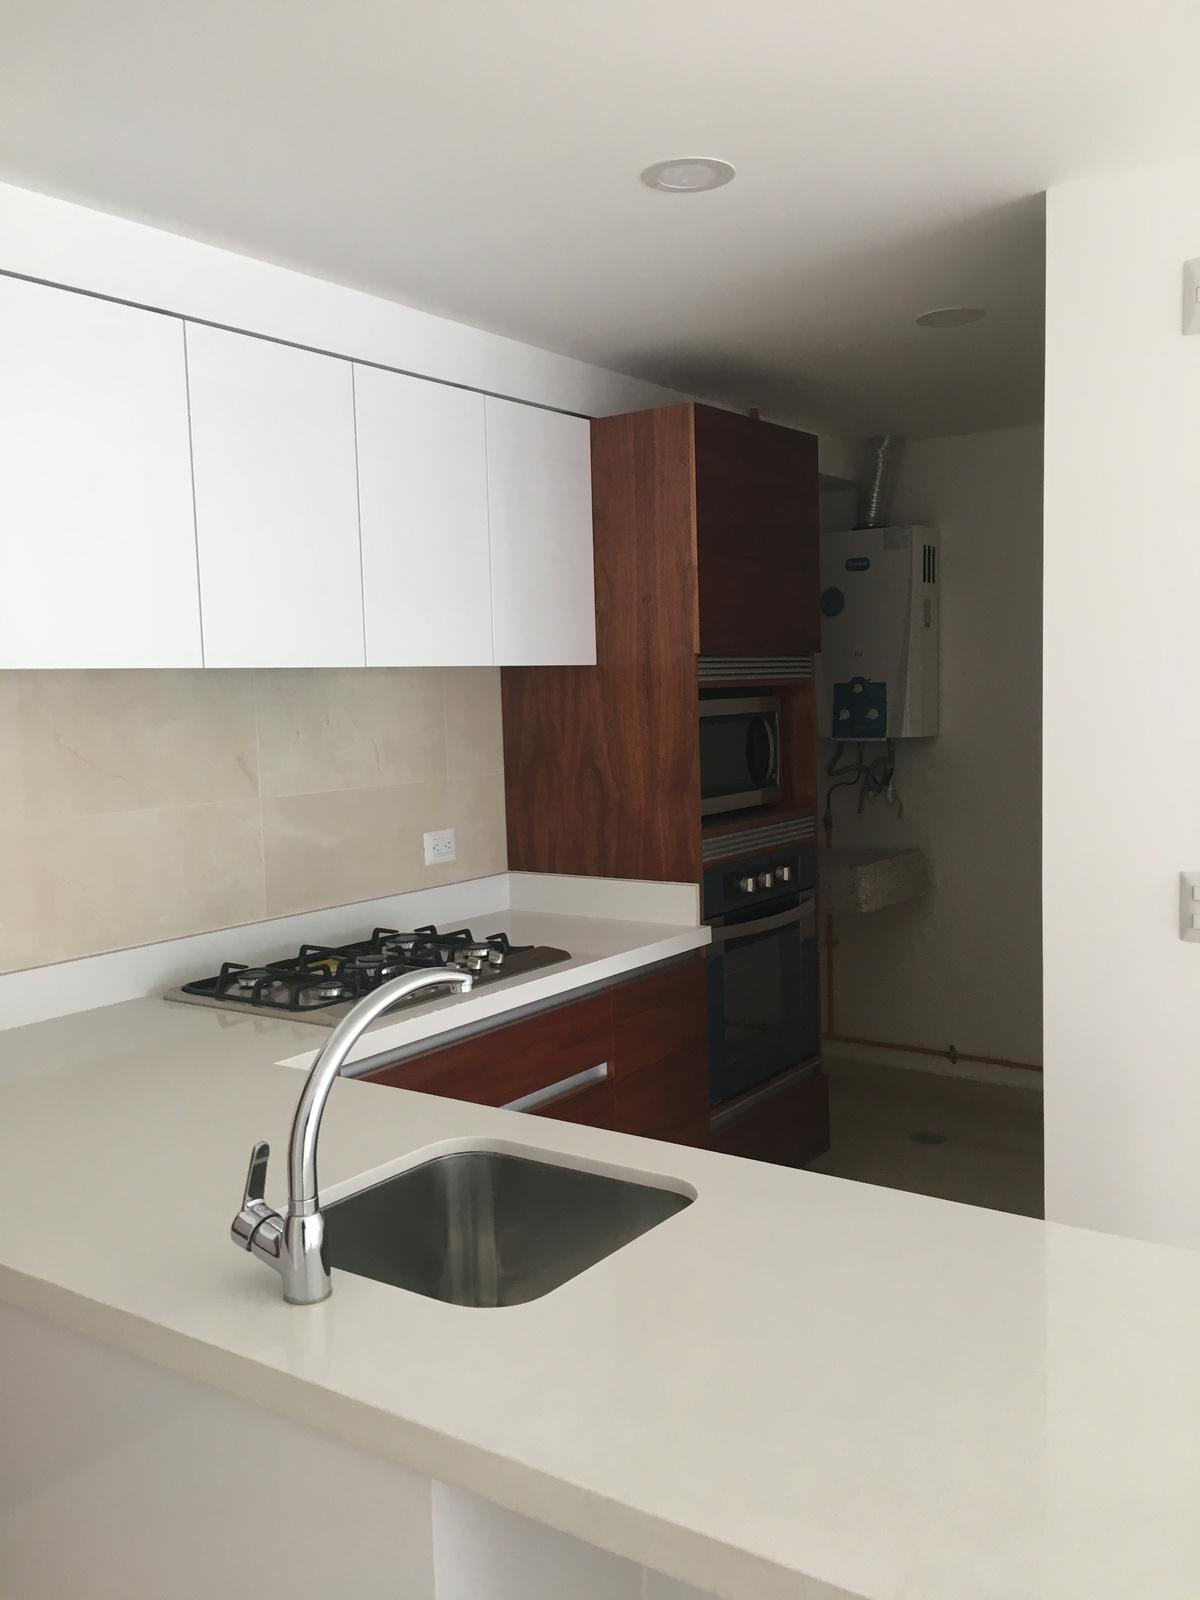 4 de 18: Cocina y área de lavado